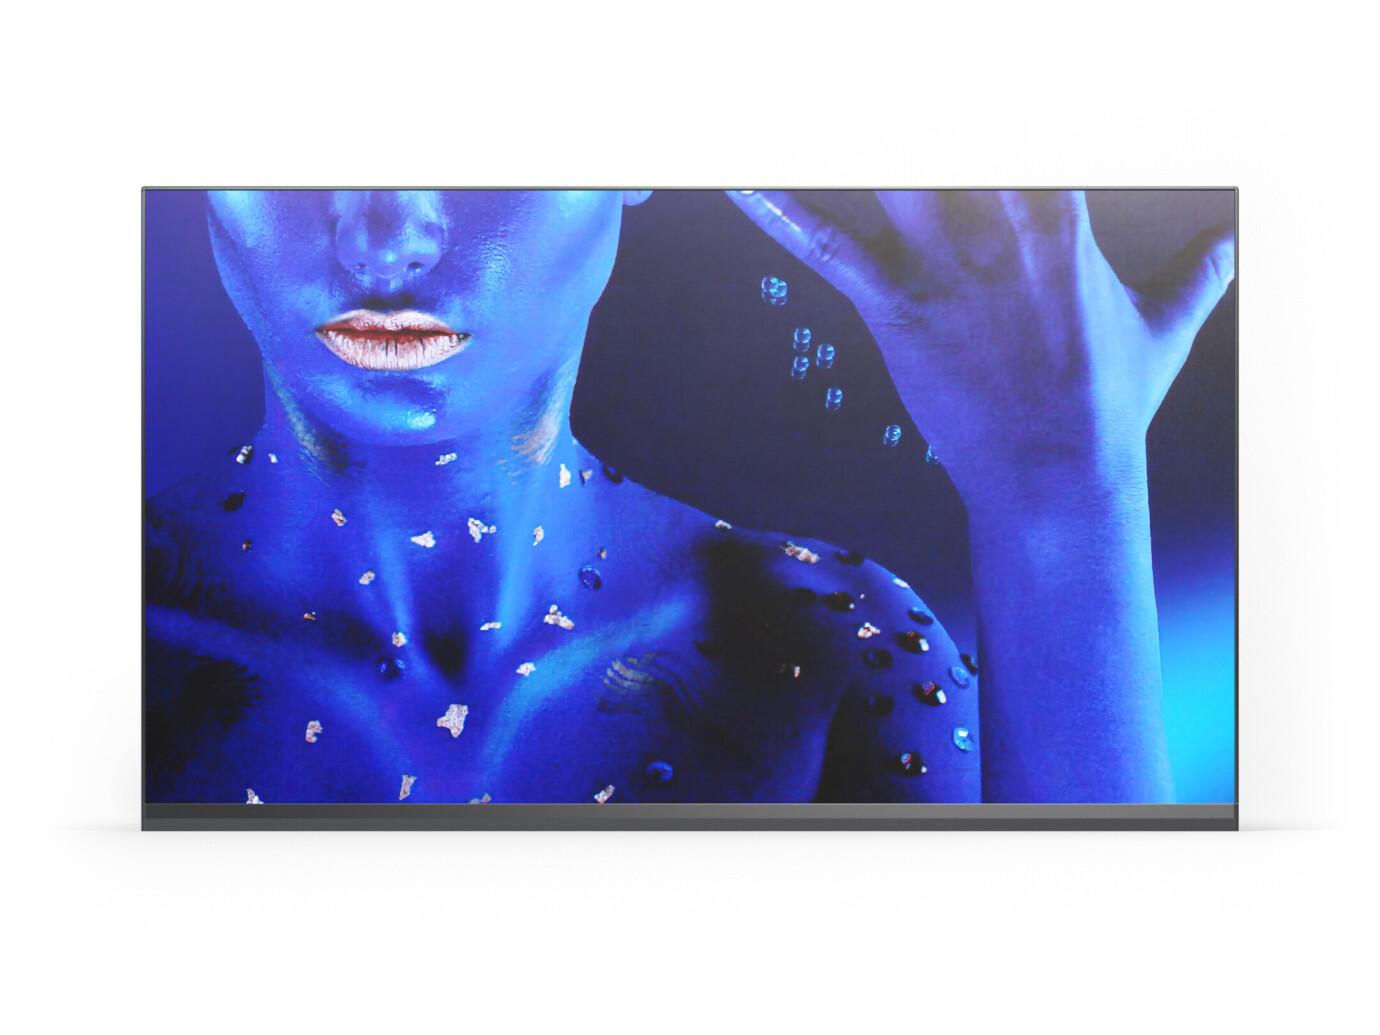 NEC LED-FA019i2-110 - HD Paket LED Wall 1,9mm Pixel Pitch